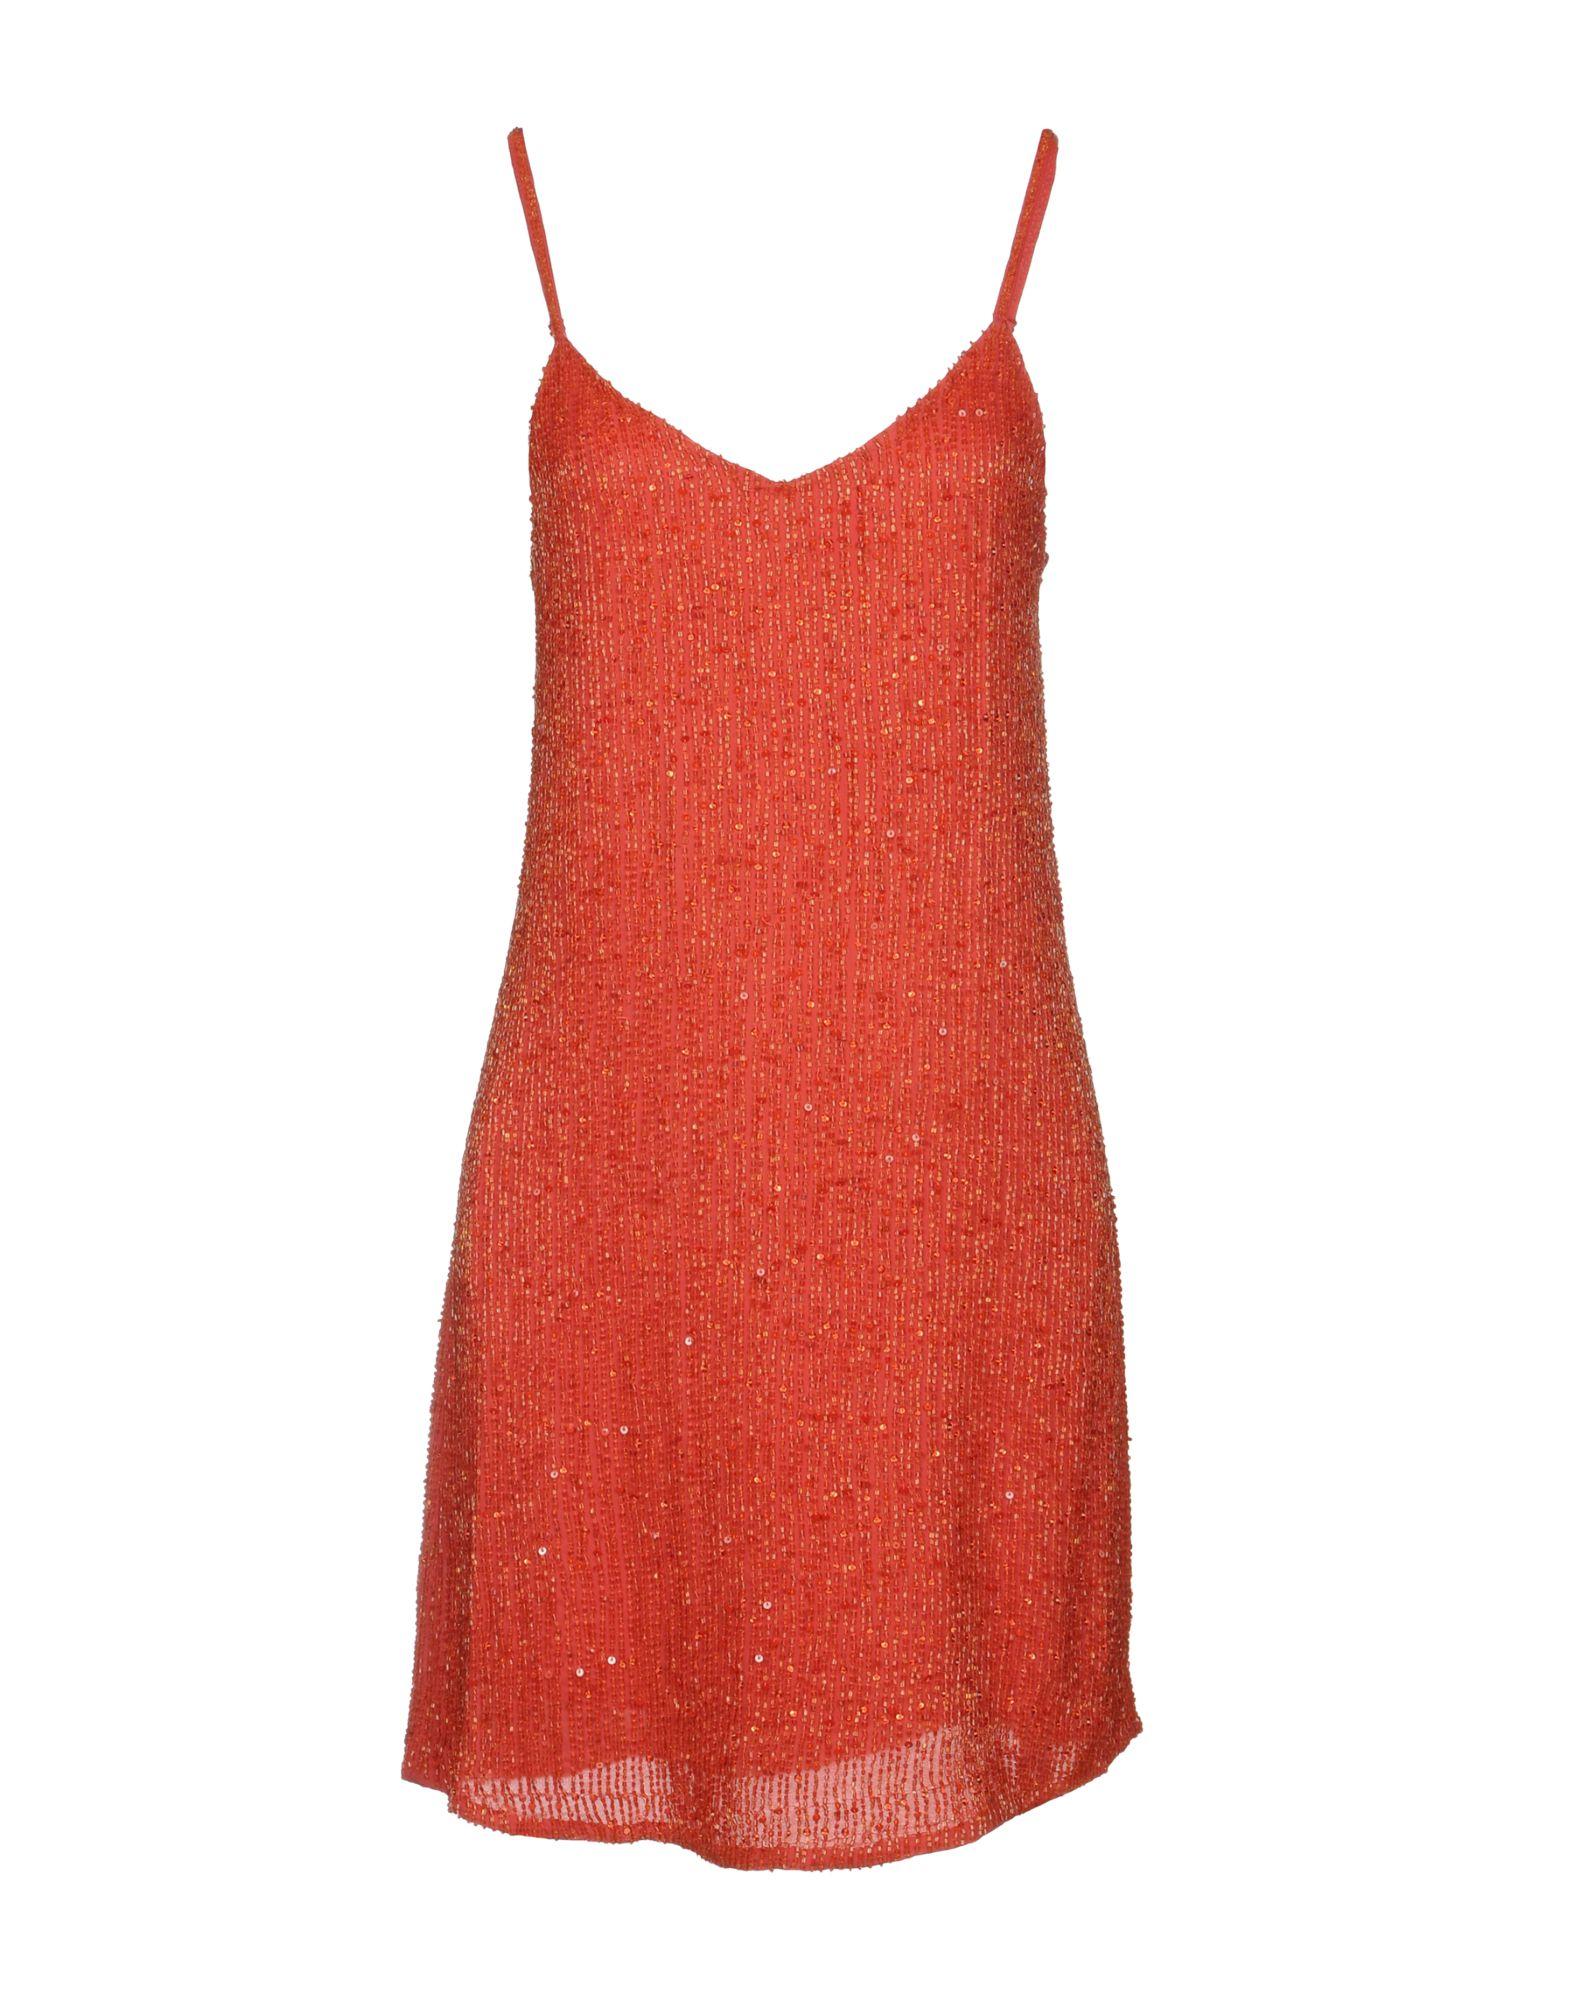 HAUTE HIPPIE Damen Kurzes Kleid Farbe Purpur Größe 4